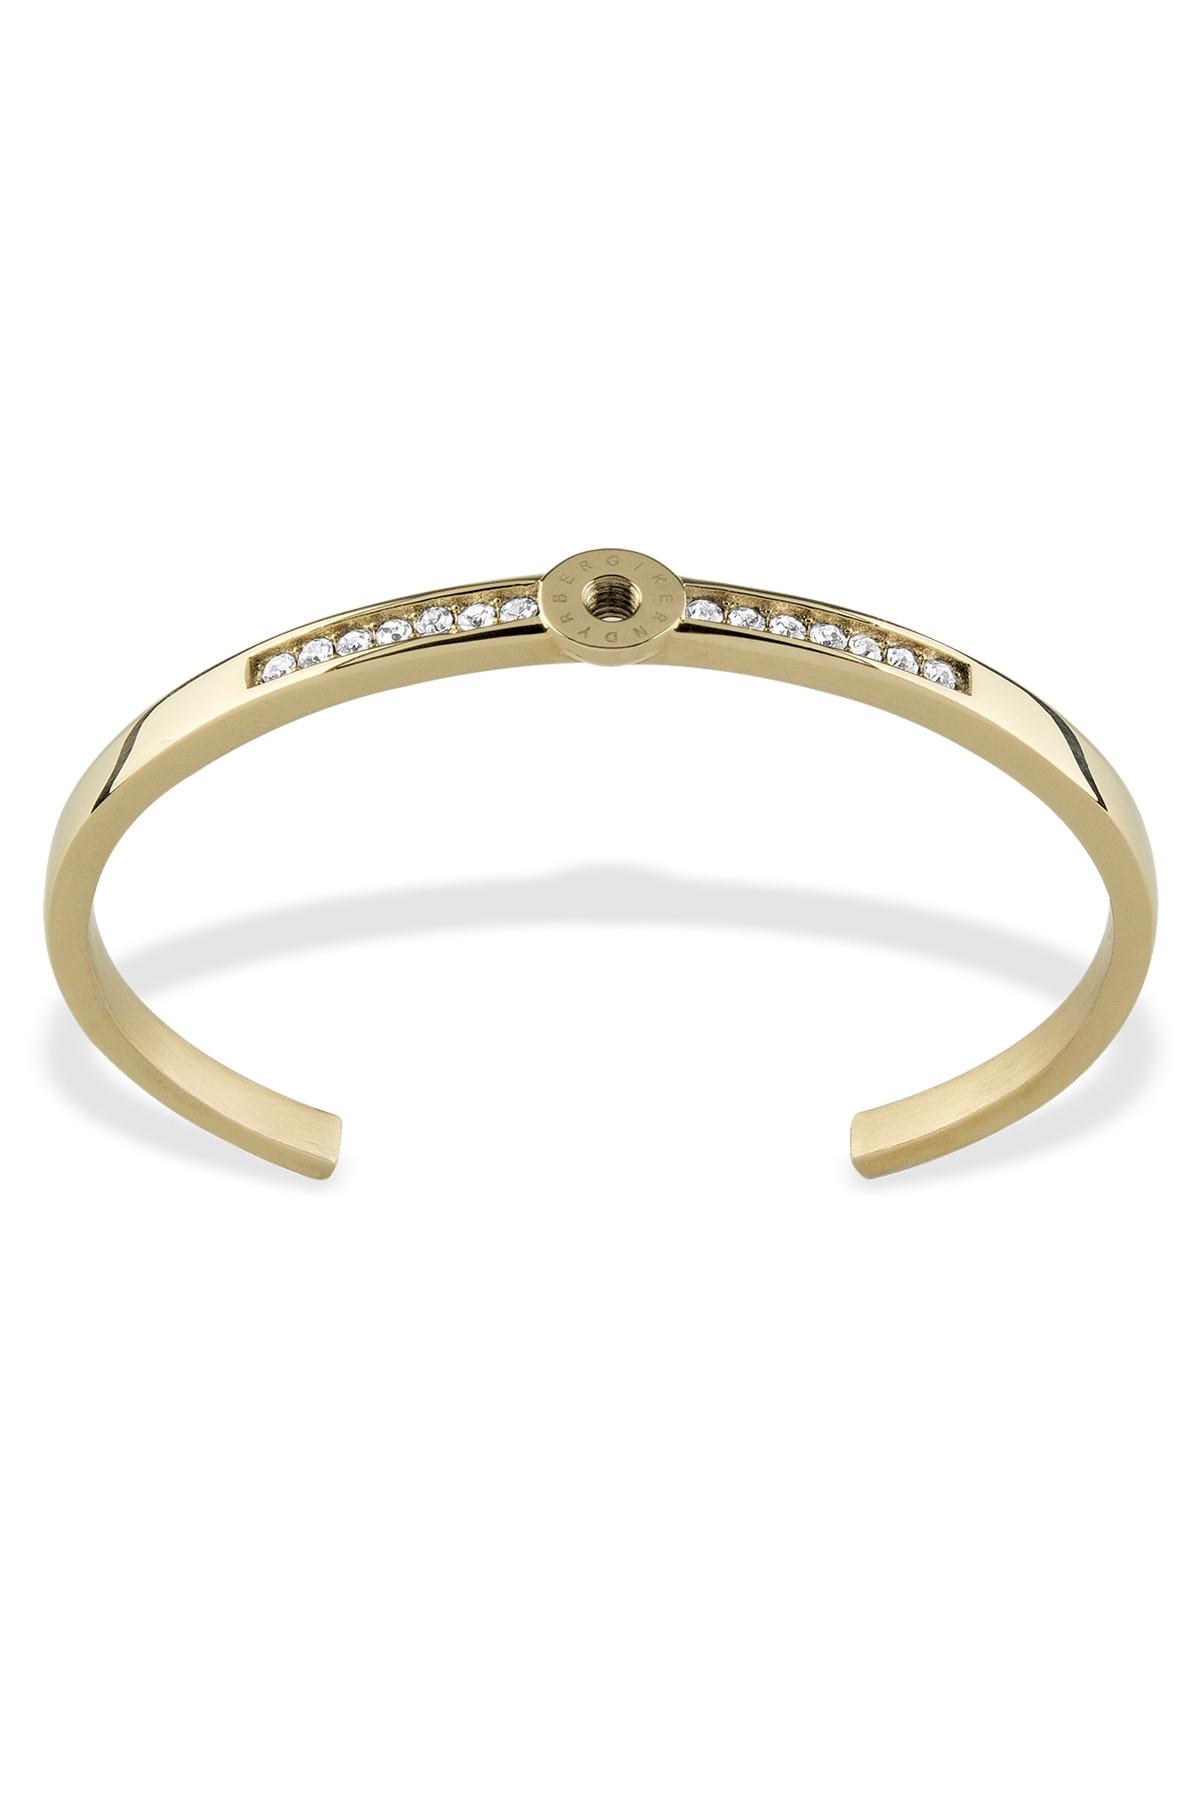 Image of   DYRBERG/KERN BRACELET 2 ARMBÅND 350497 (Gold, Crystal, I/51)